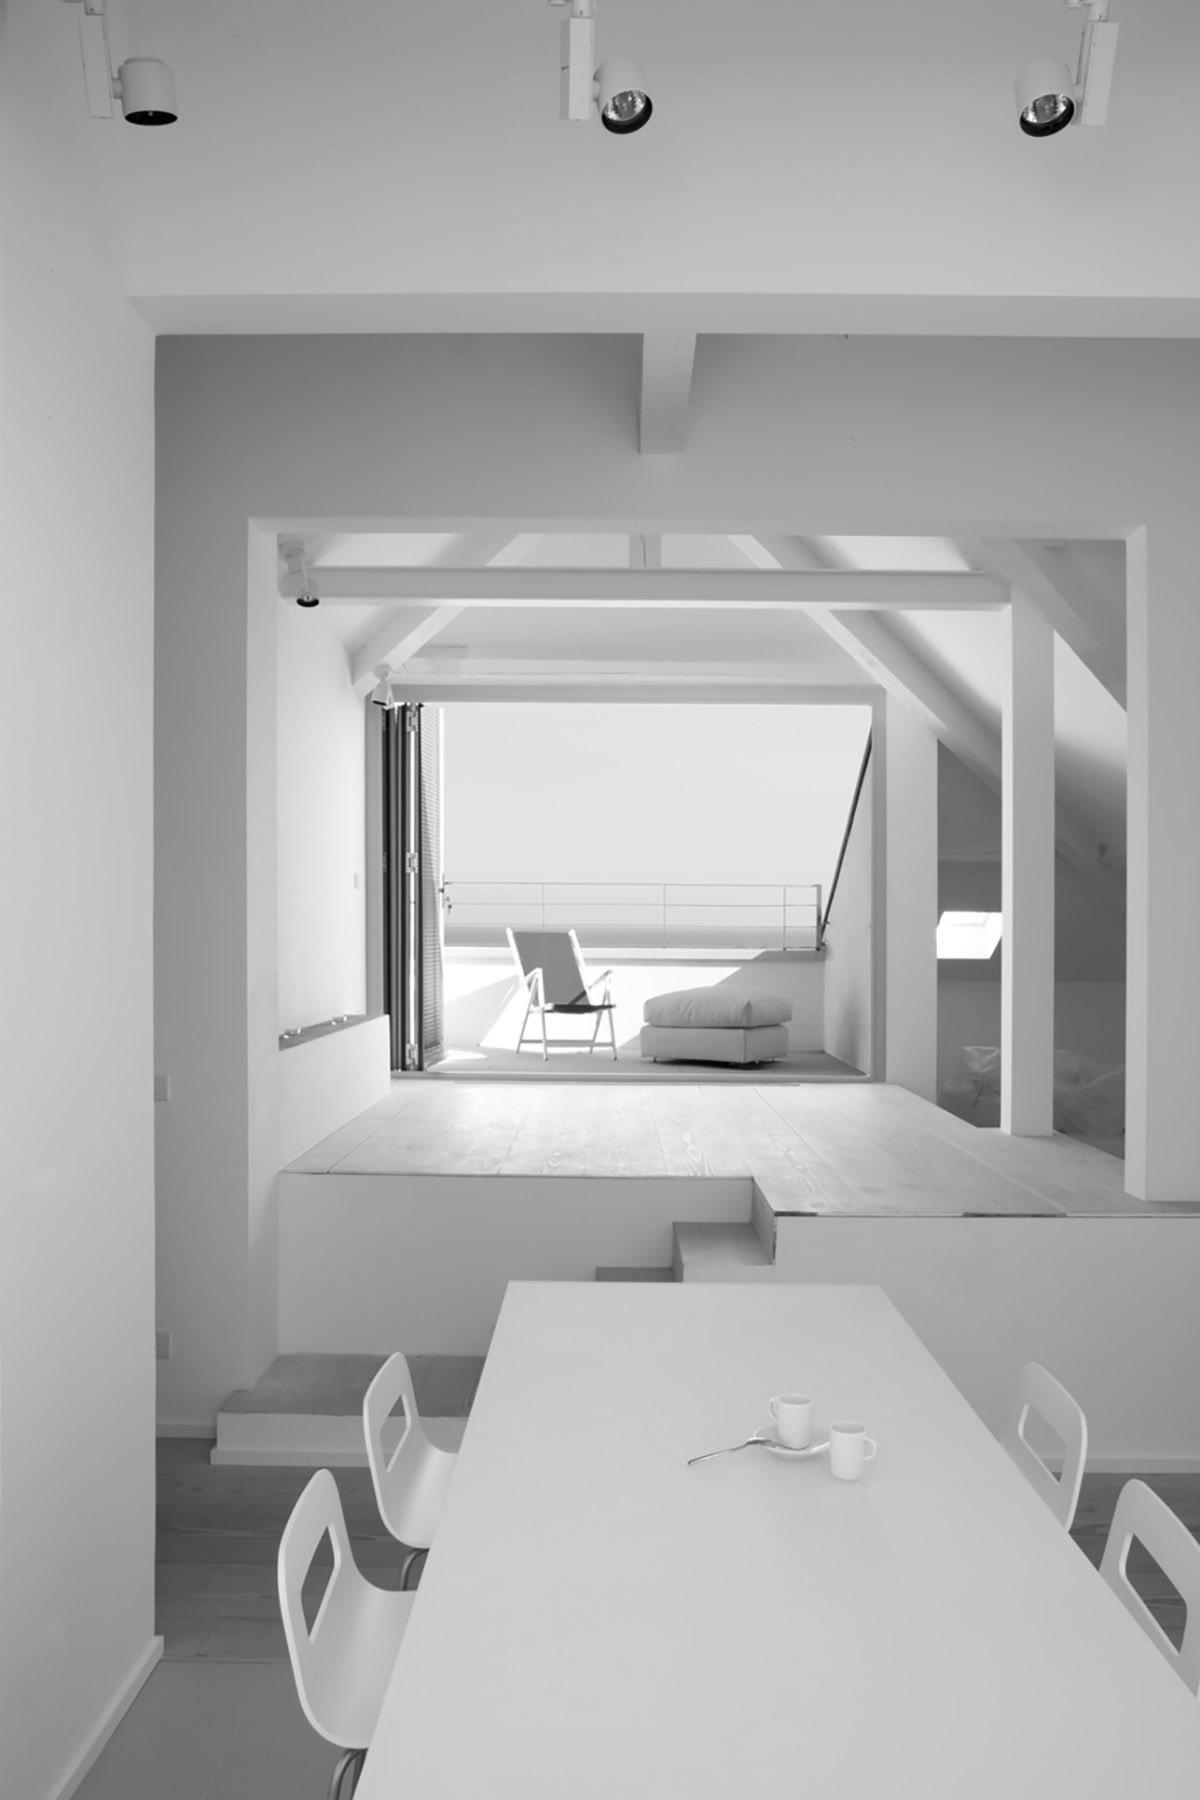 Formento Restauri è un'azienda edile di Finale Ligure, Savona, che si occupa di ristrutturazioni dal 1959.